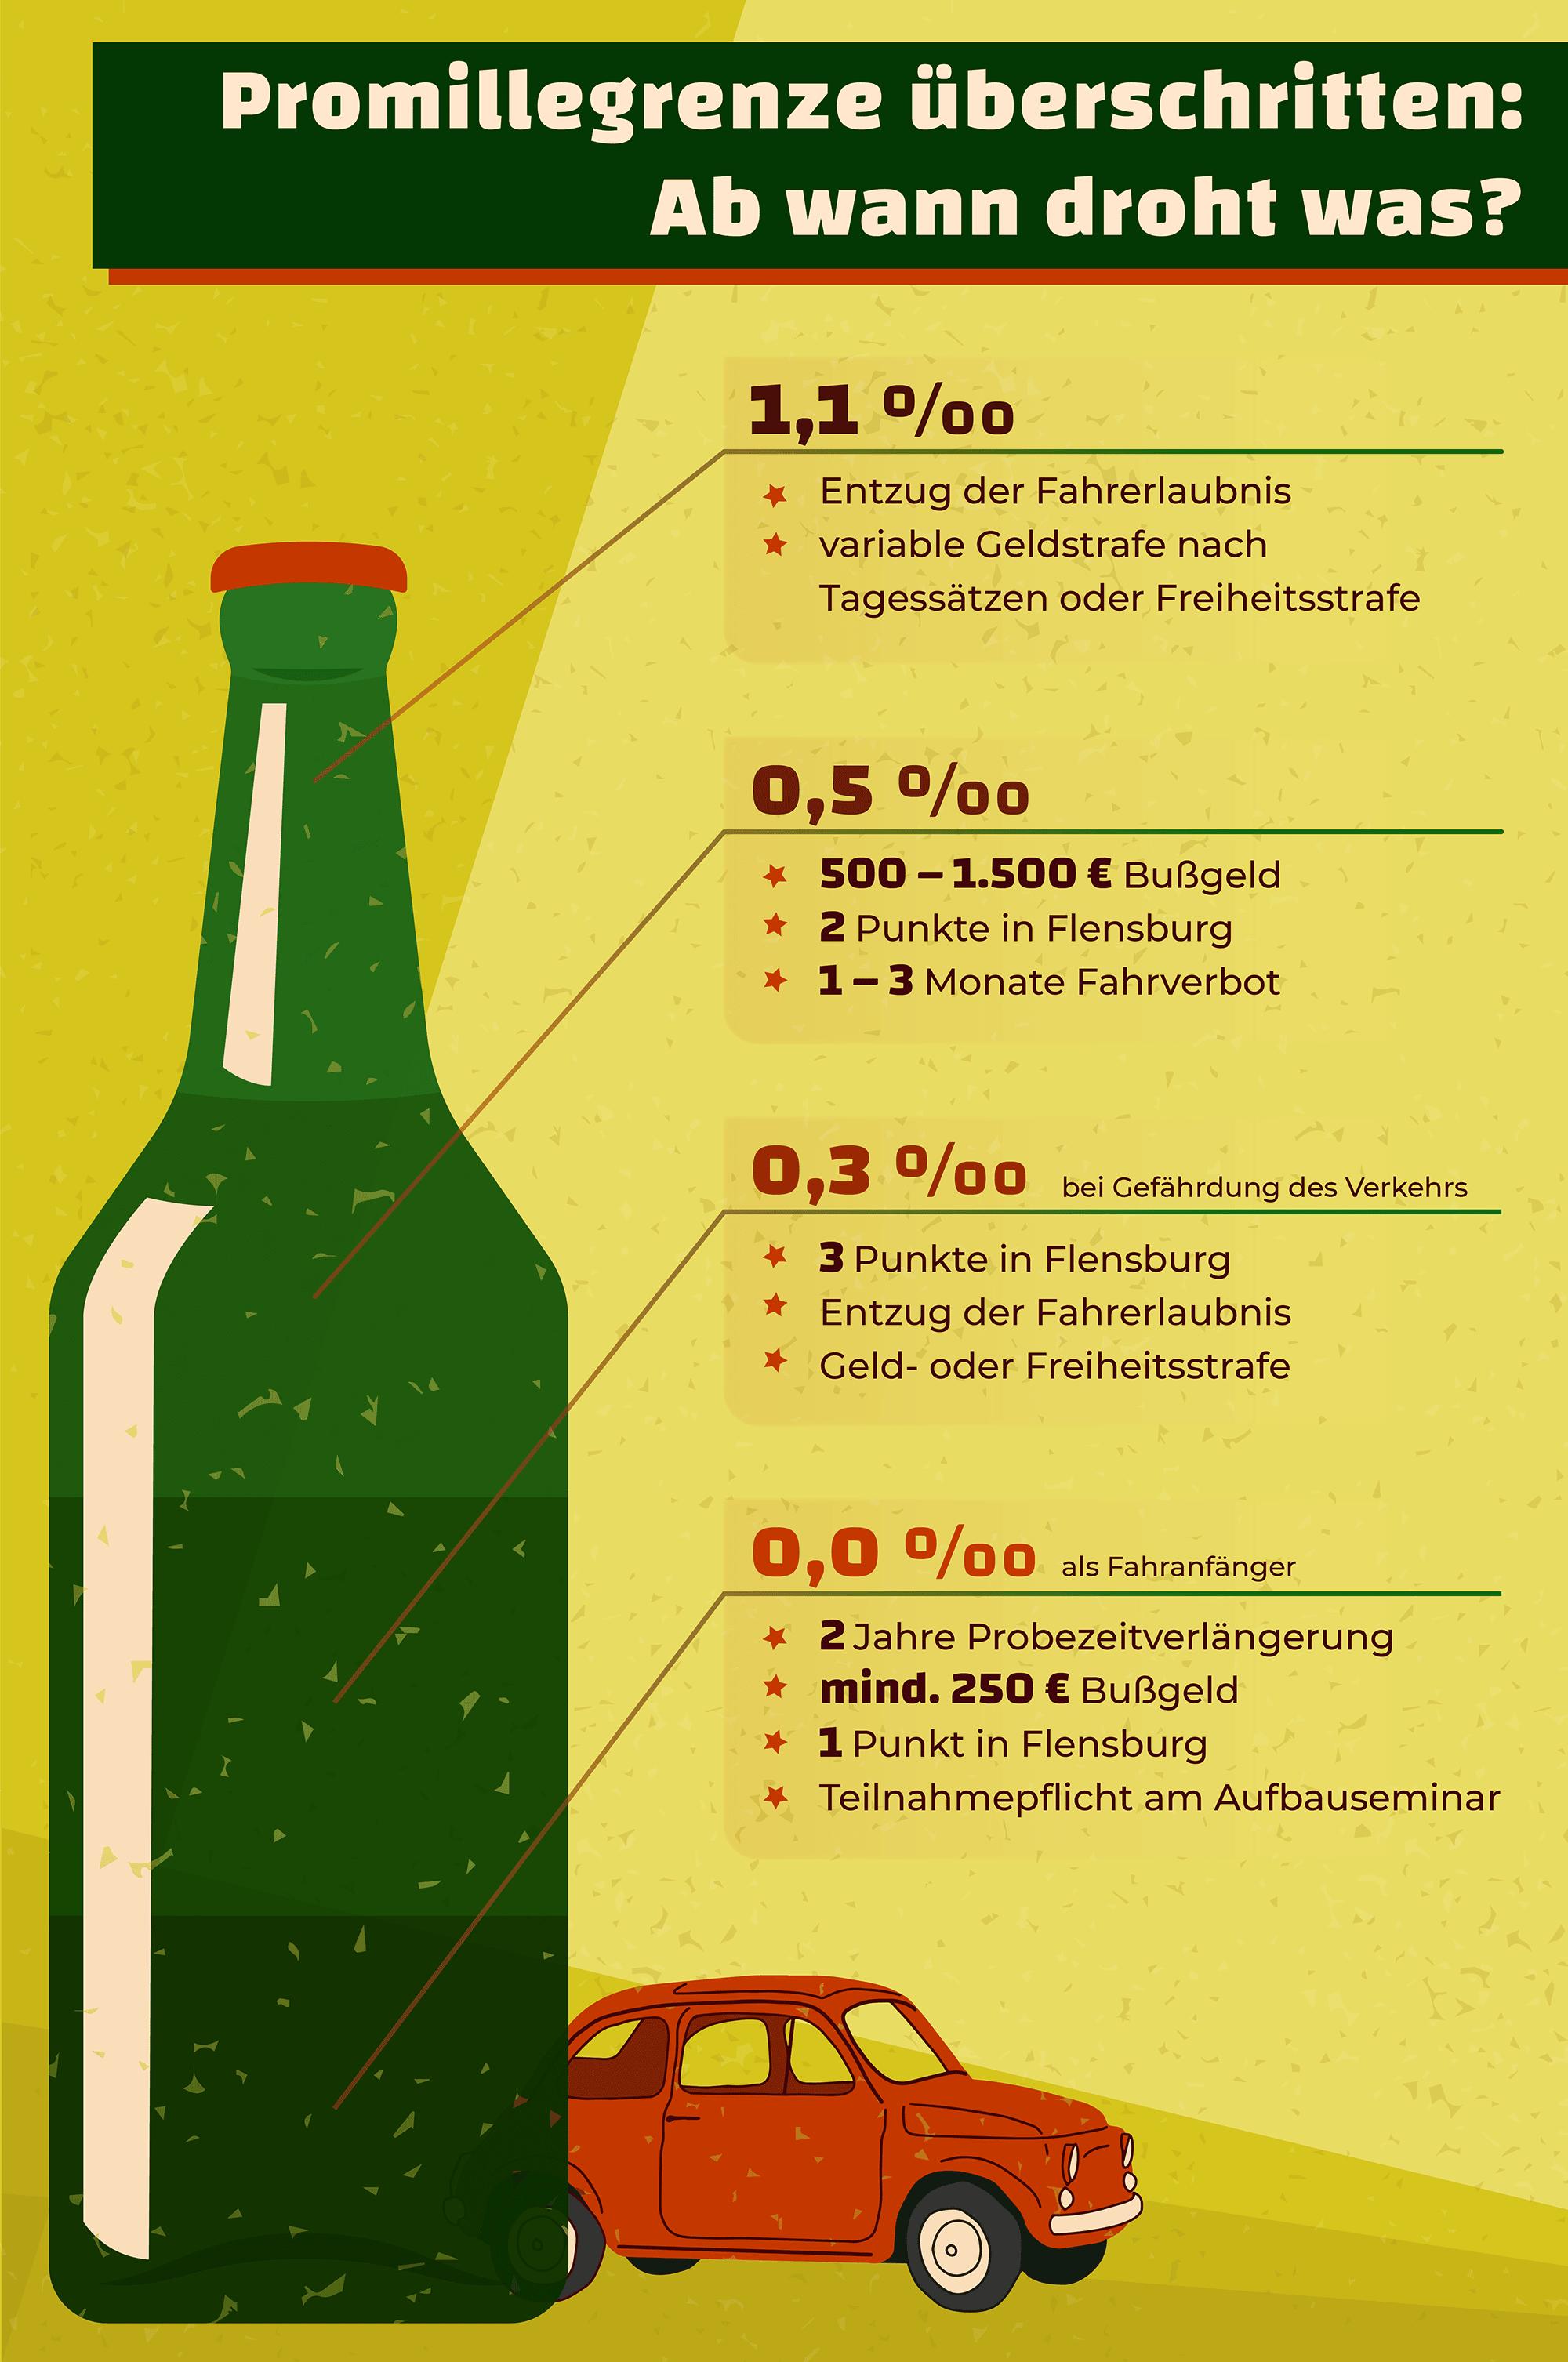 Ist der Alkoholkonsum am Steuer erlaubt oder verboten?